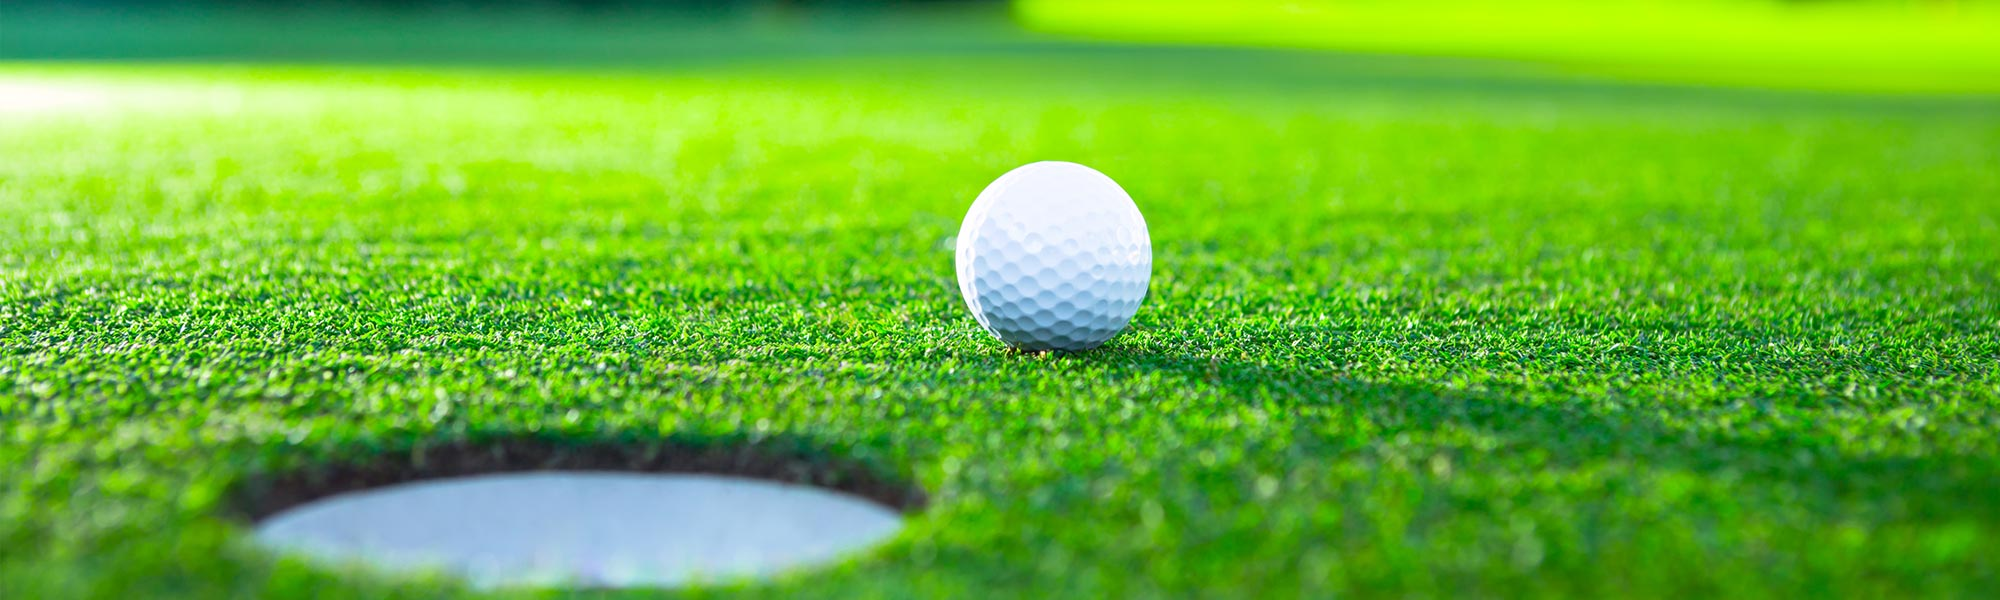 California's Sonoma County Golf